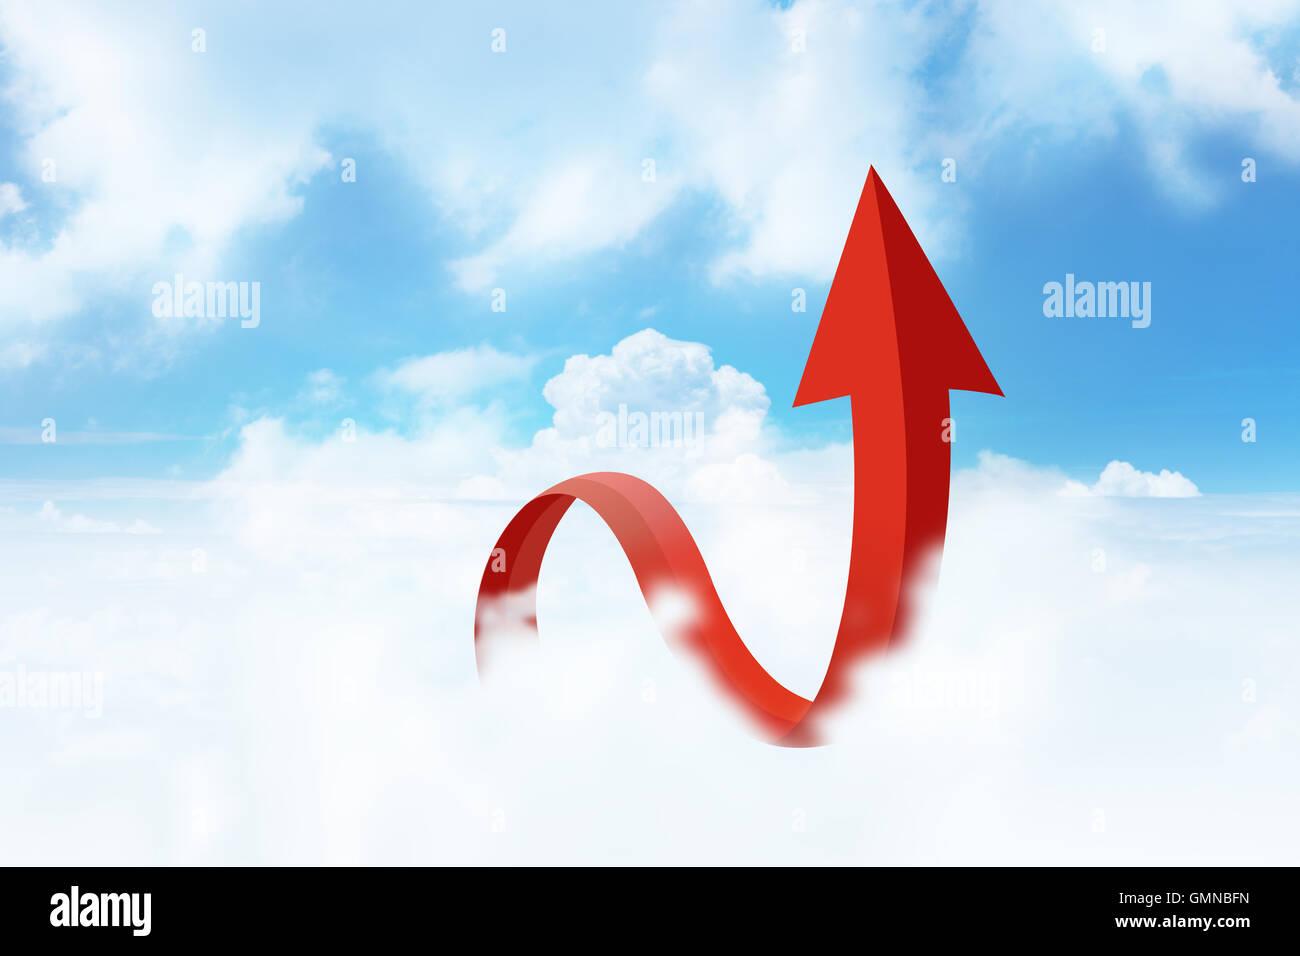 Flecha azul cielo nublado, éxito comercial, el crecimiento empresarial Imagen De Stock